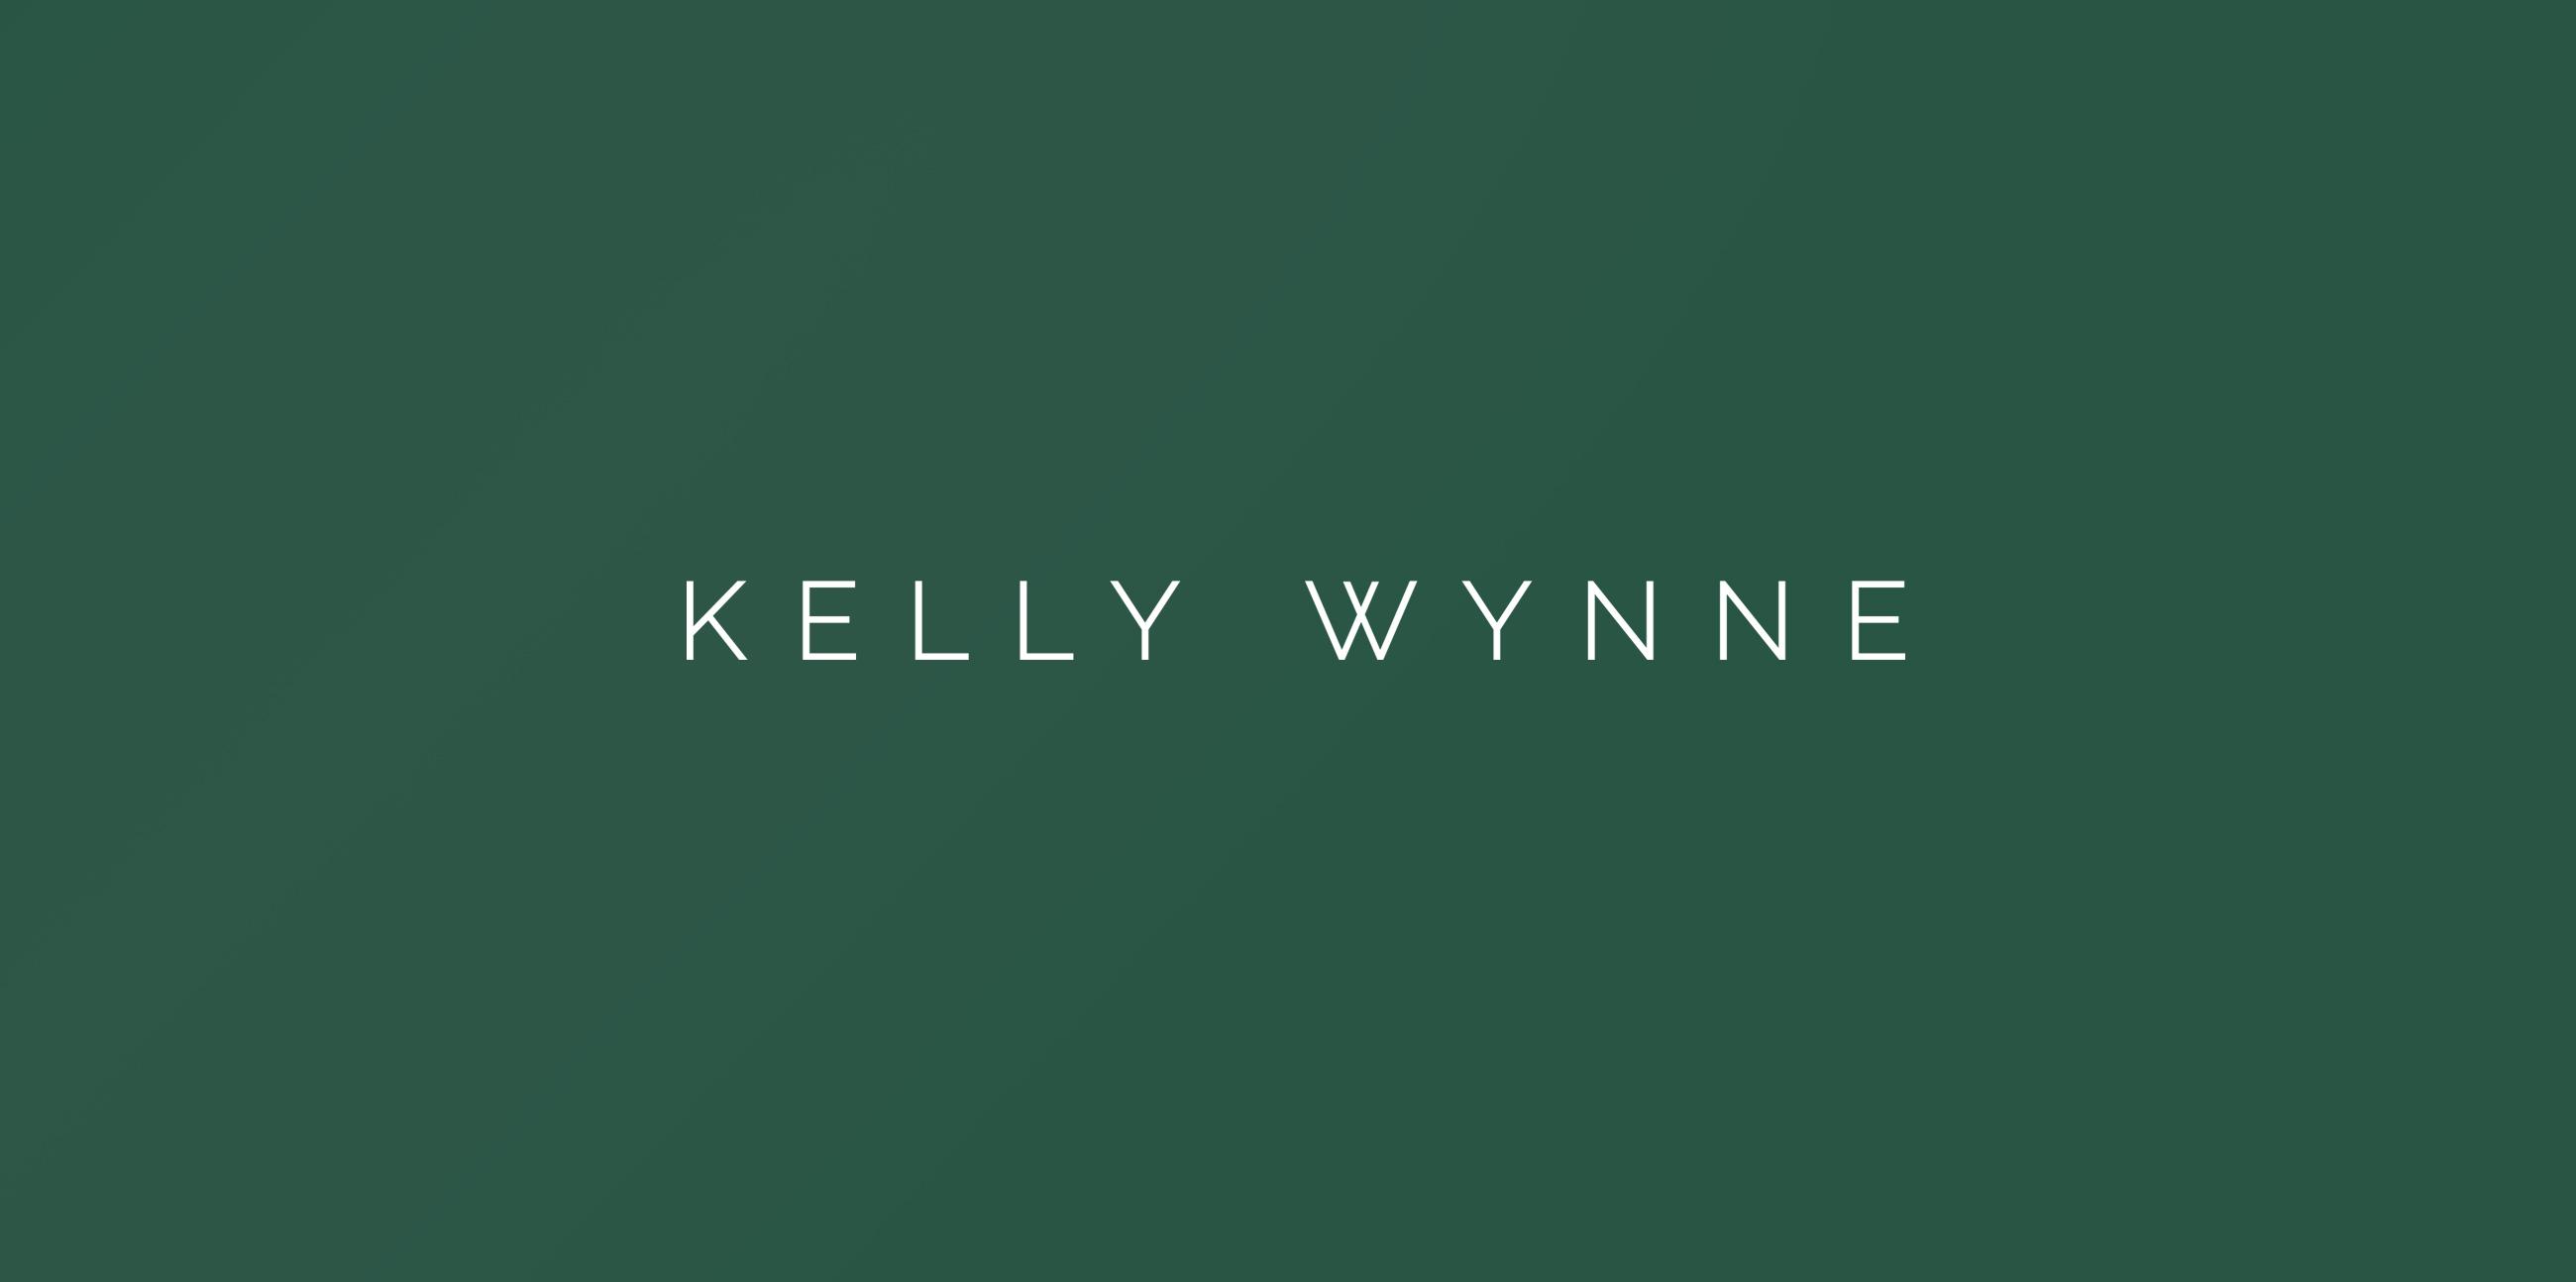 KellyWynne Portfolio 4